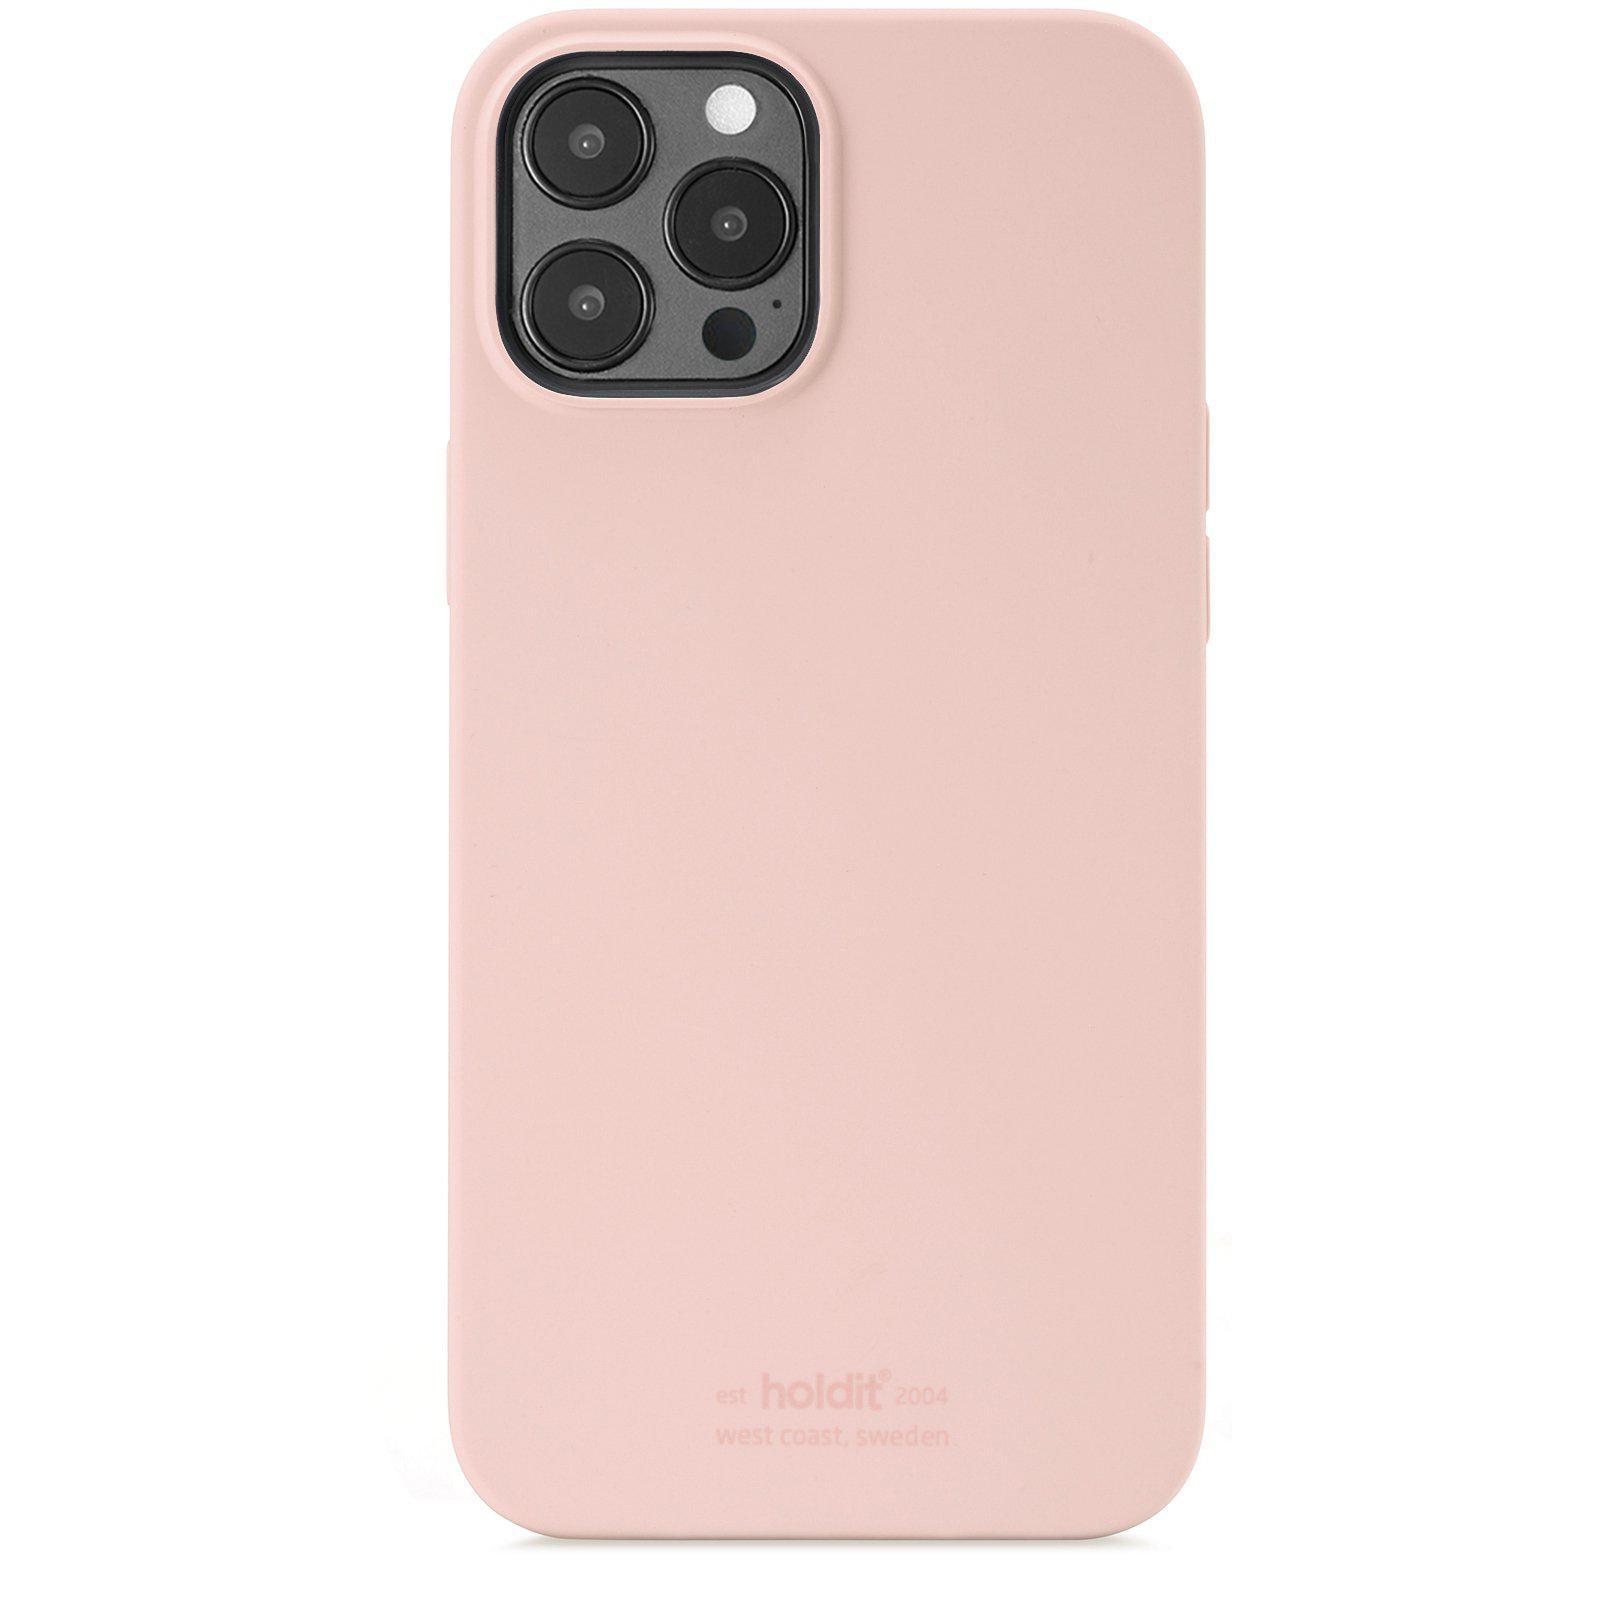 Deksel Silikon iPhone 12 Pro Max Blush Pink